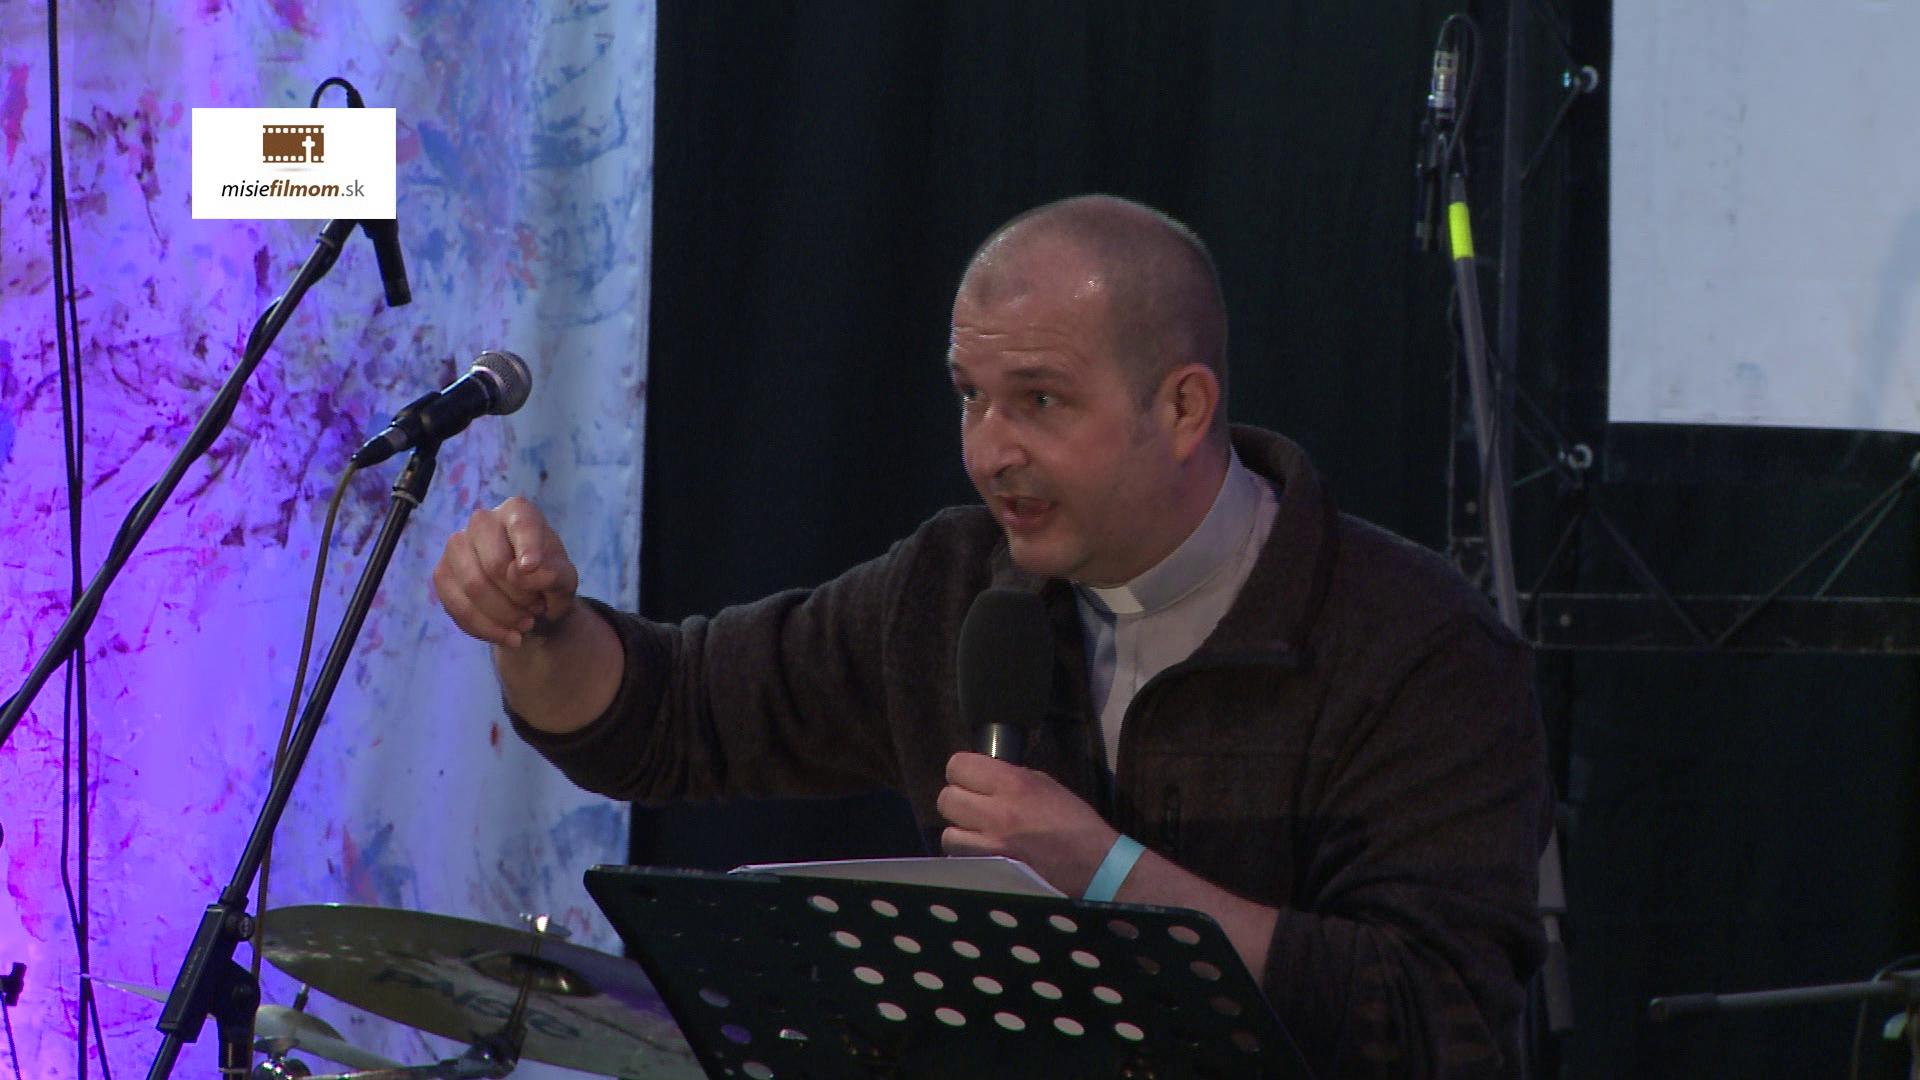 Ján Buc – Otázky, ktoré by si mal položiť Bohu